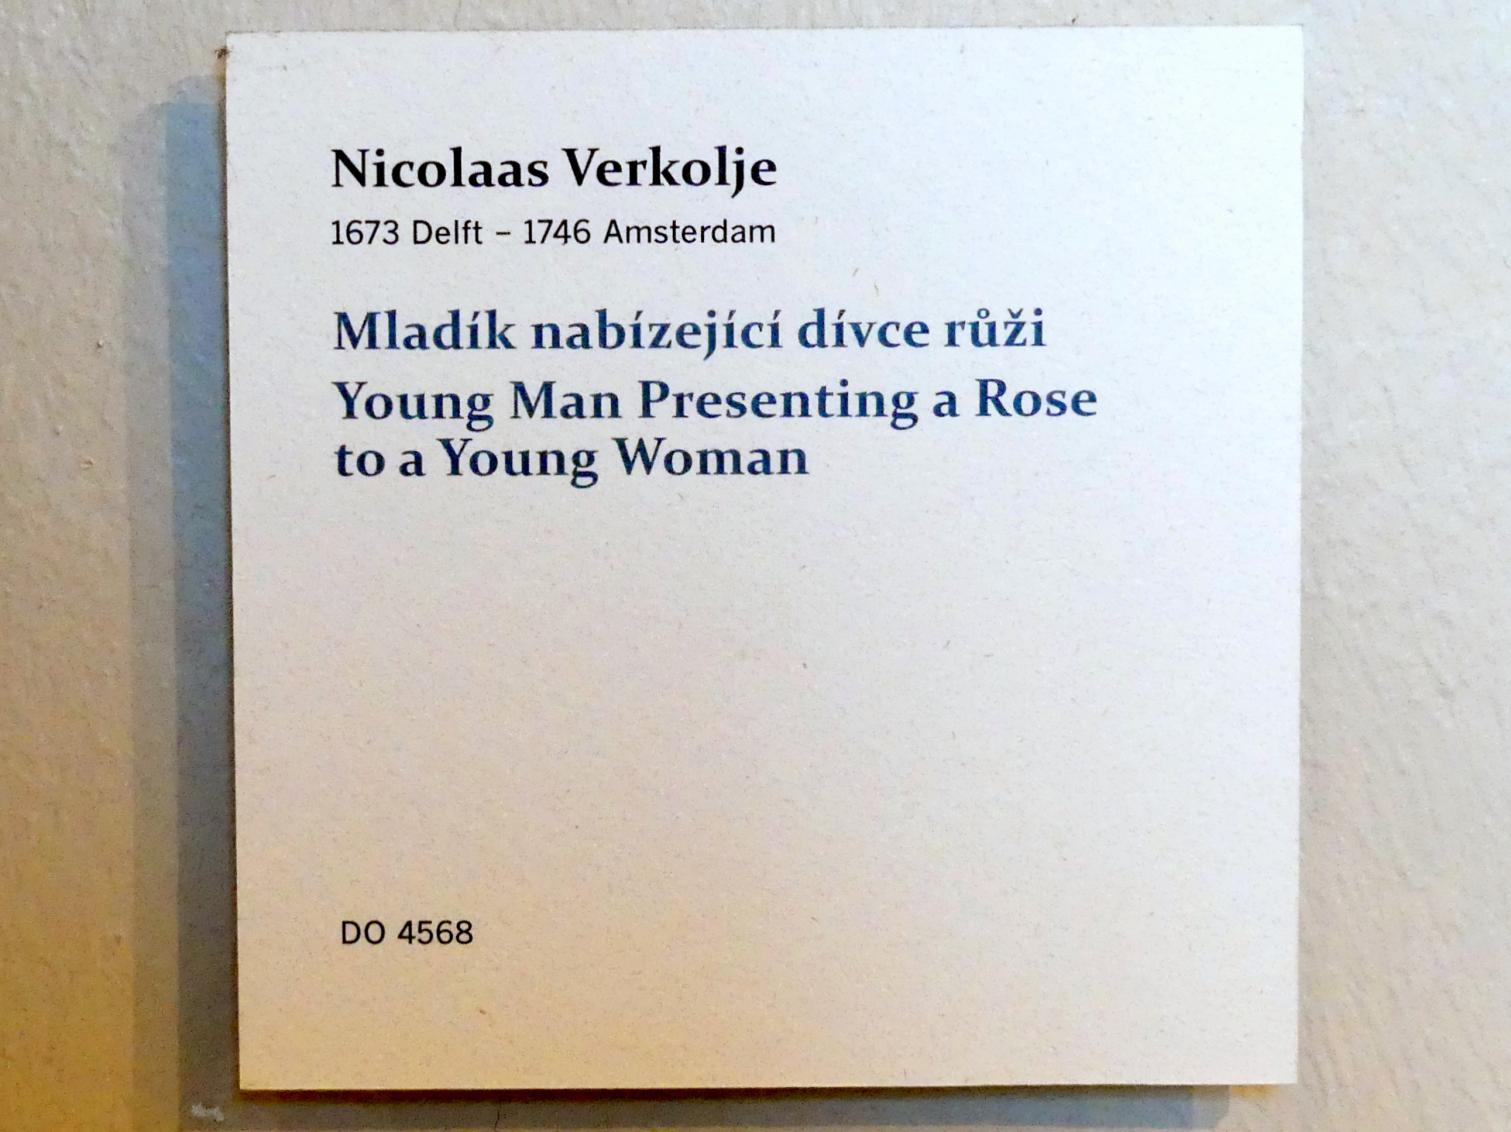 Nicolaas Verkolje: Junger Mann schenkt einer jungen Frau eine Rose, Undatiert